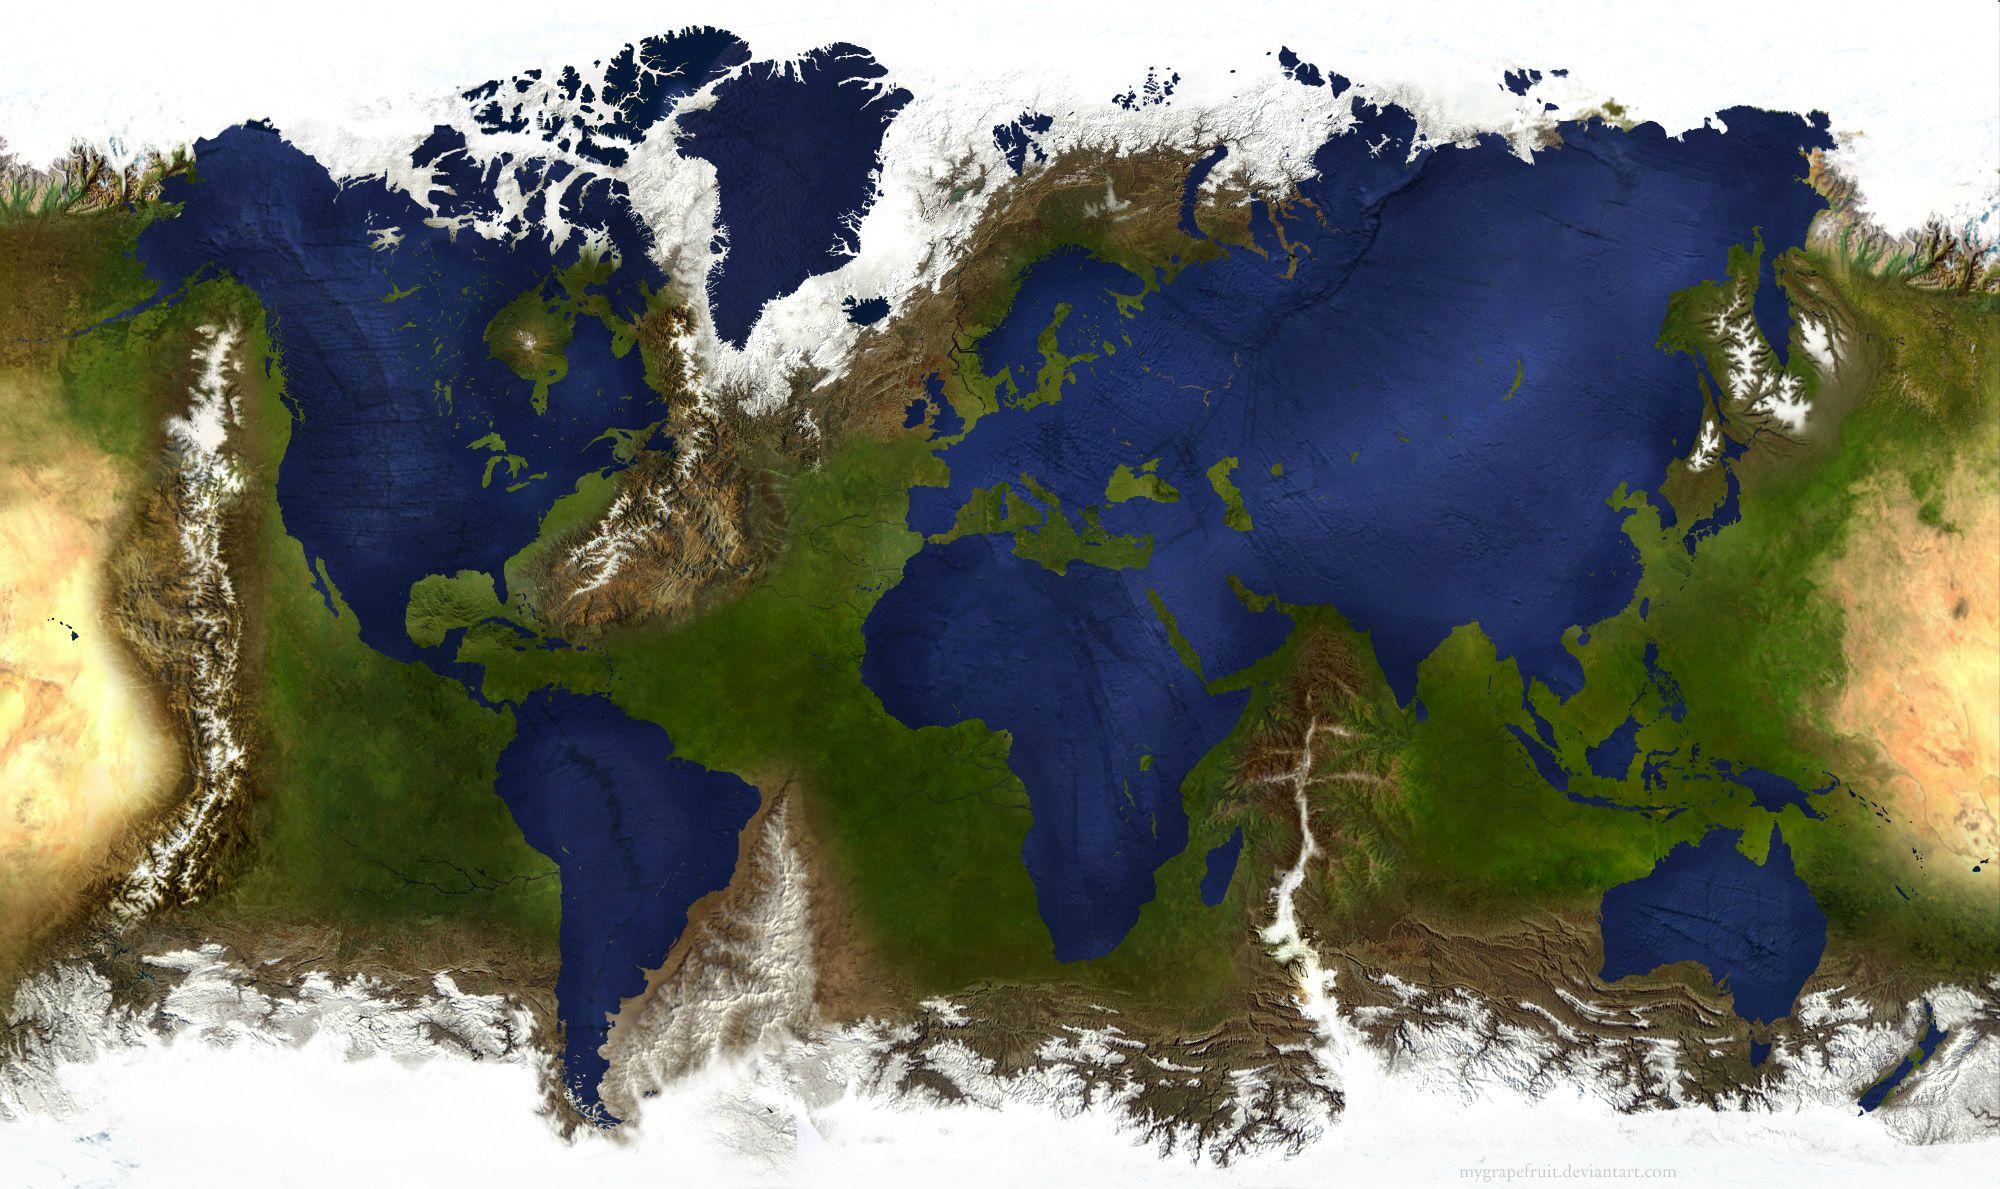 карта мира, суша и океаны поменяли местами